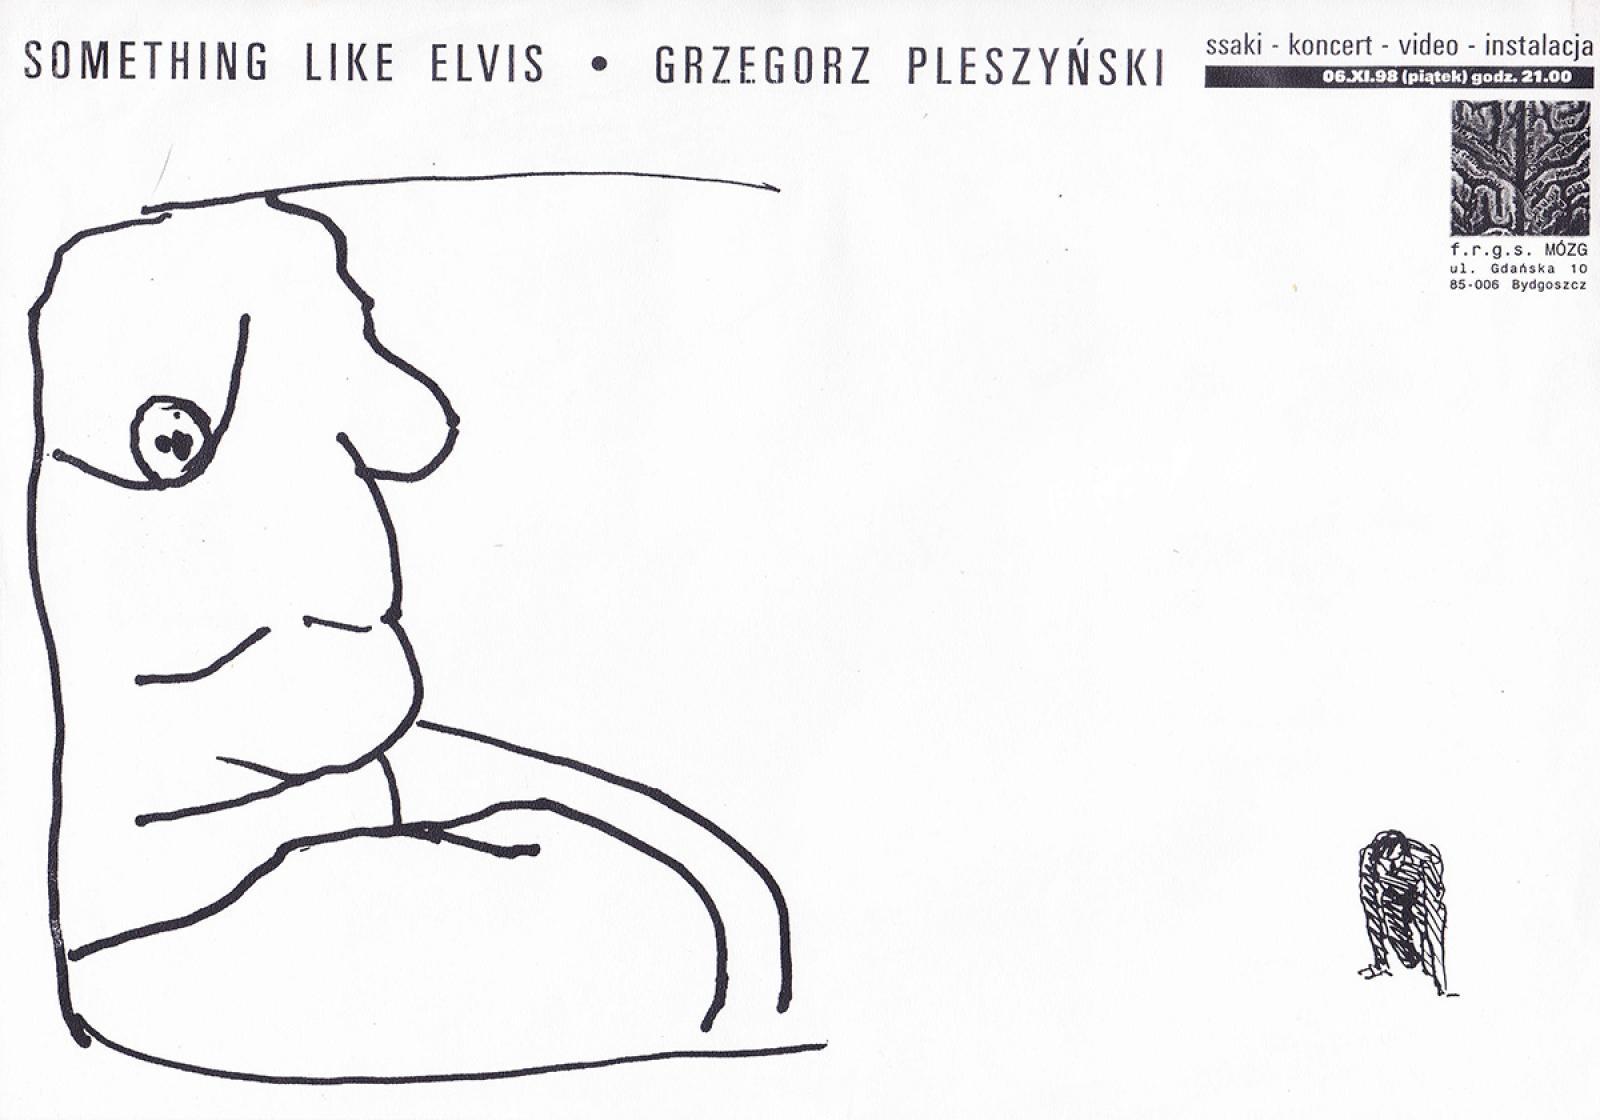 Something Like Elvis – koncert, Grzegorz Pleszyński - instalacja, performance